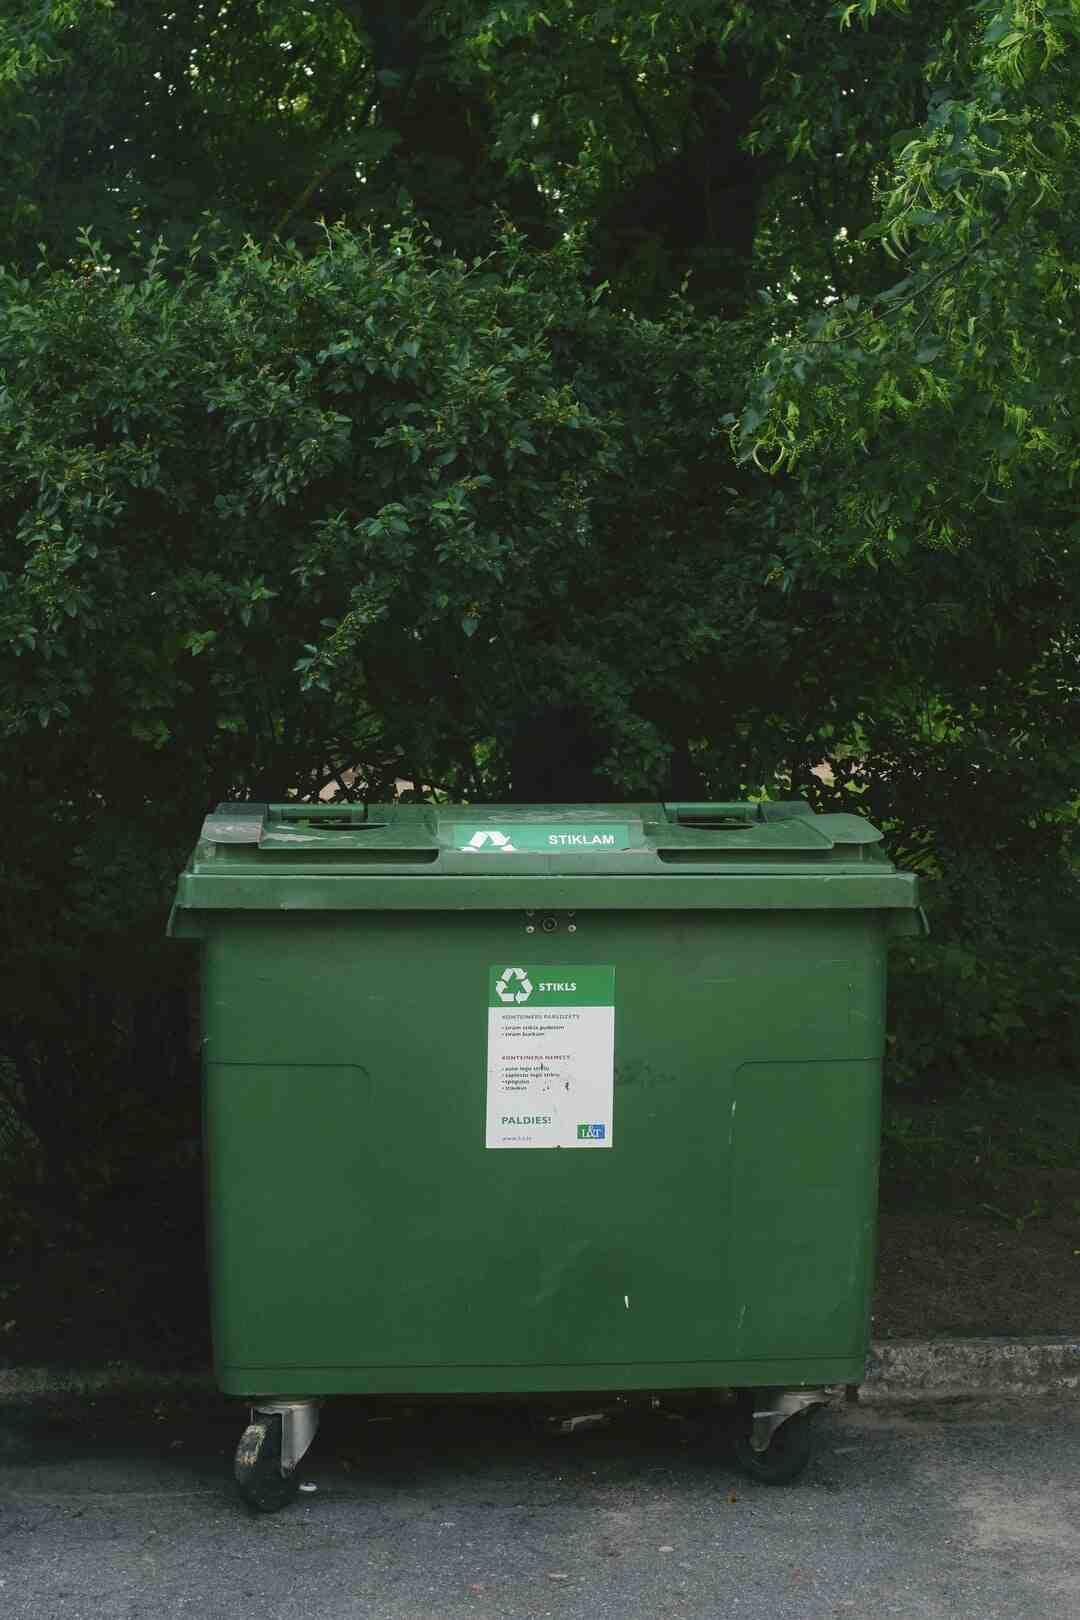 Comment savoir si un plastique se recycle ?